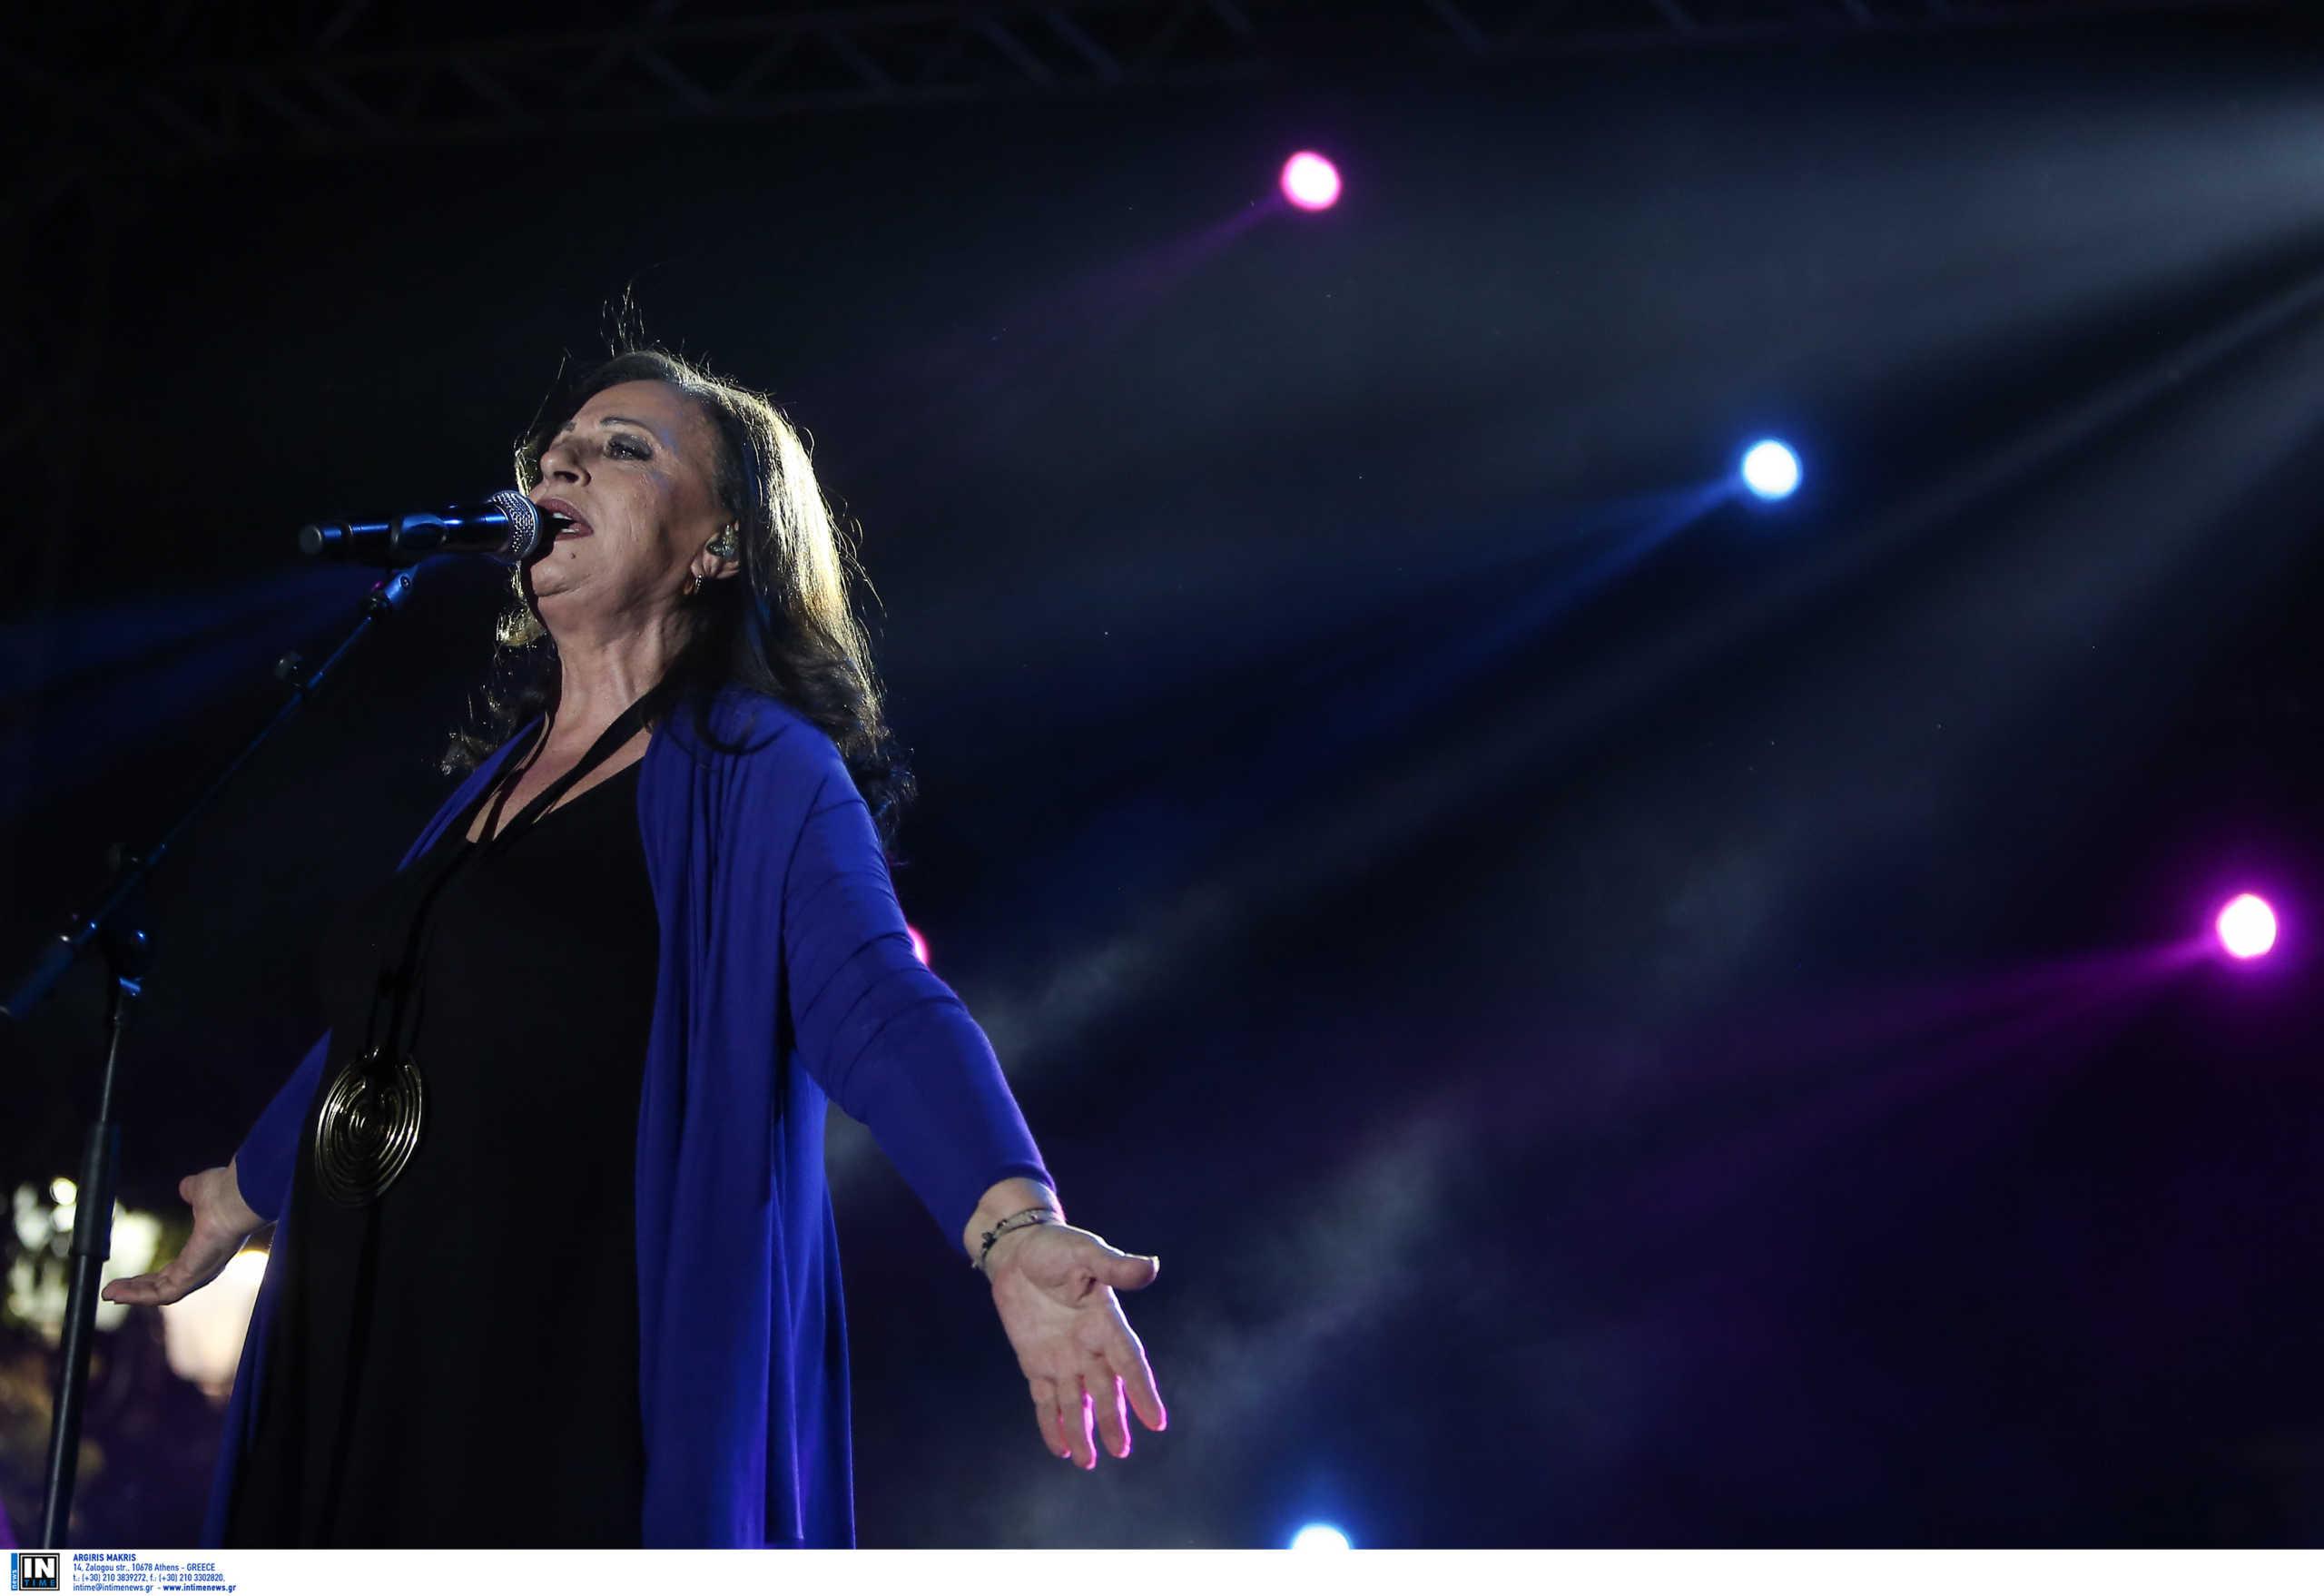 Ένα μεγάλο αντίο: Γιατί η Χάρις Αλεξίου εγκαταλείπει το τραγούδι - Το τέλος μιας εποχής